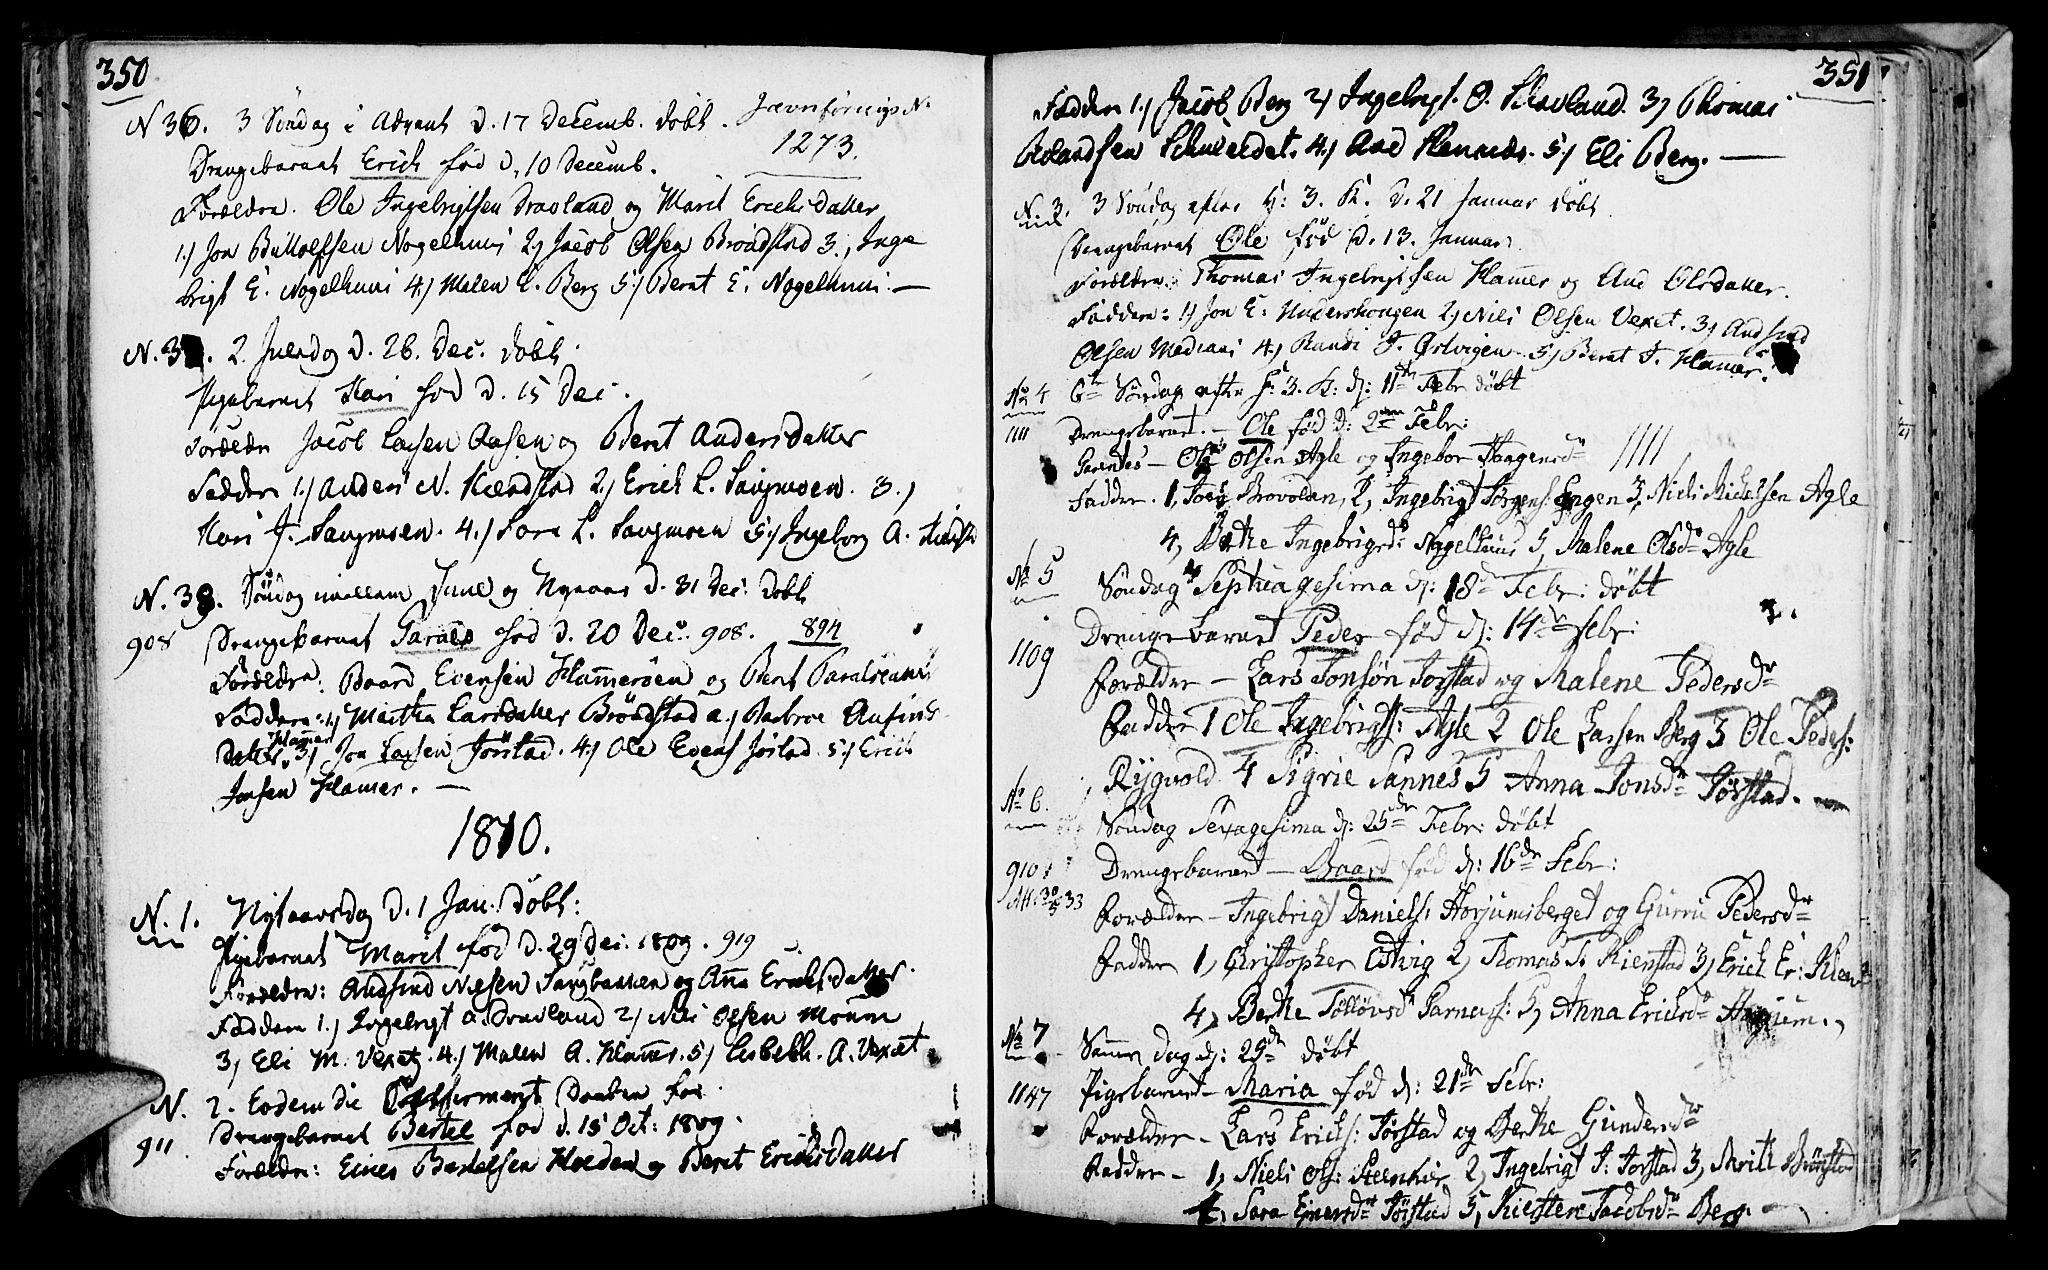 SAT, Ministerialprotokoller, klokkerbøker og fødselsregistre - Nord-Trøndelag, 749/L0468: Ministerialbok nr. 749A02, 1787-1817, s. 350-351